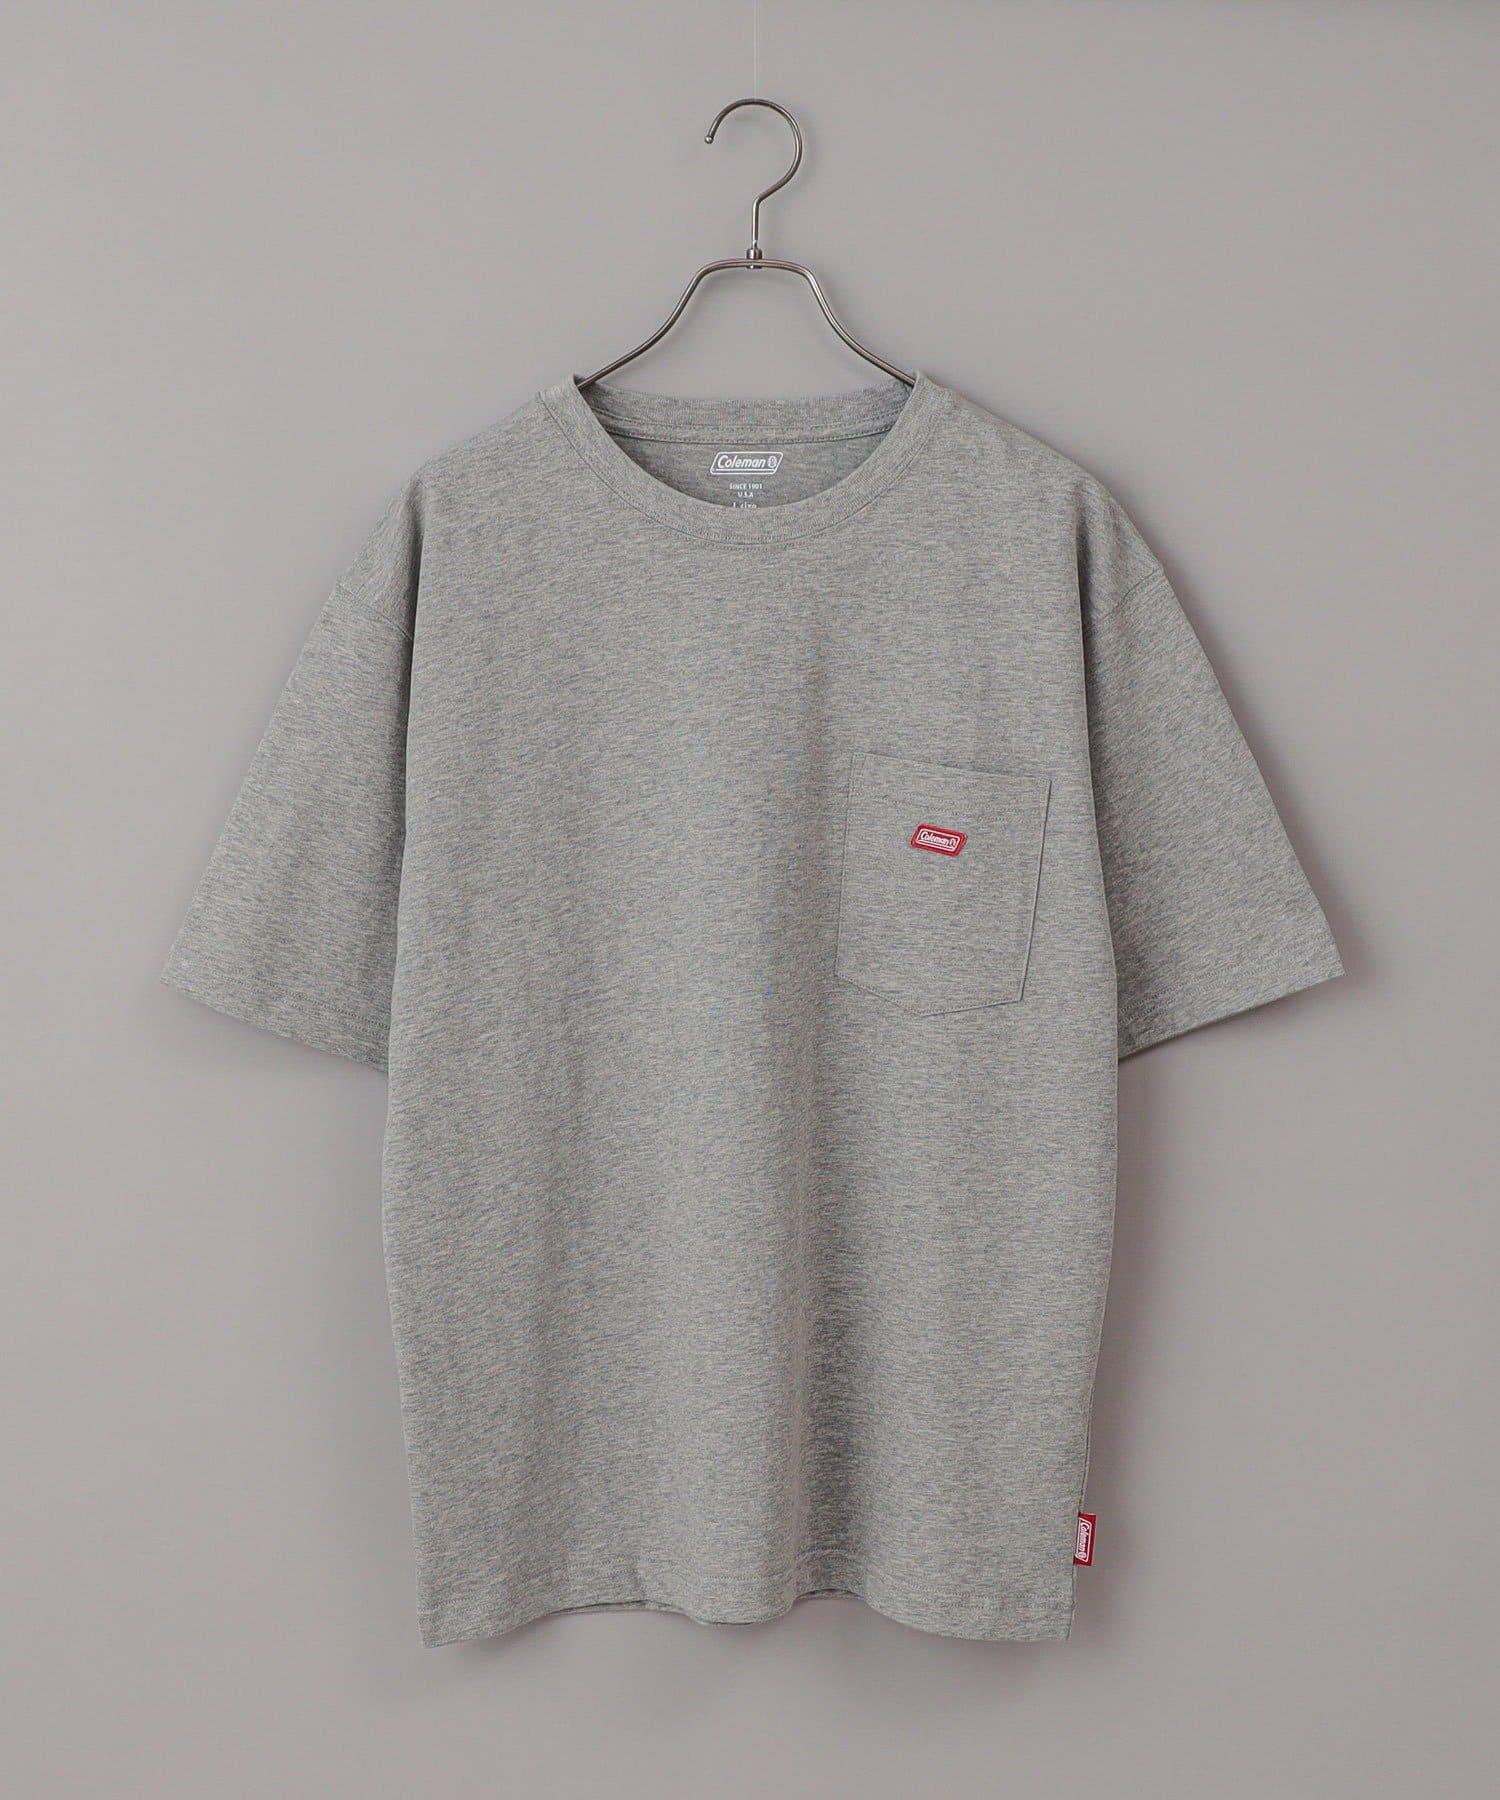 CIAOPANIC(チャオパニック) メンズ 【Coleman/コールマン】ワンポイントロゴクルーネック半袖Tシャツ グレー